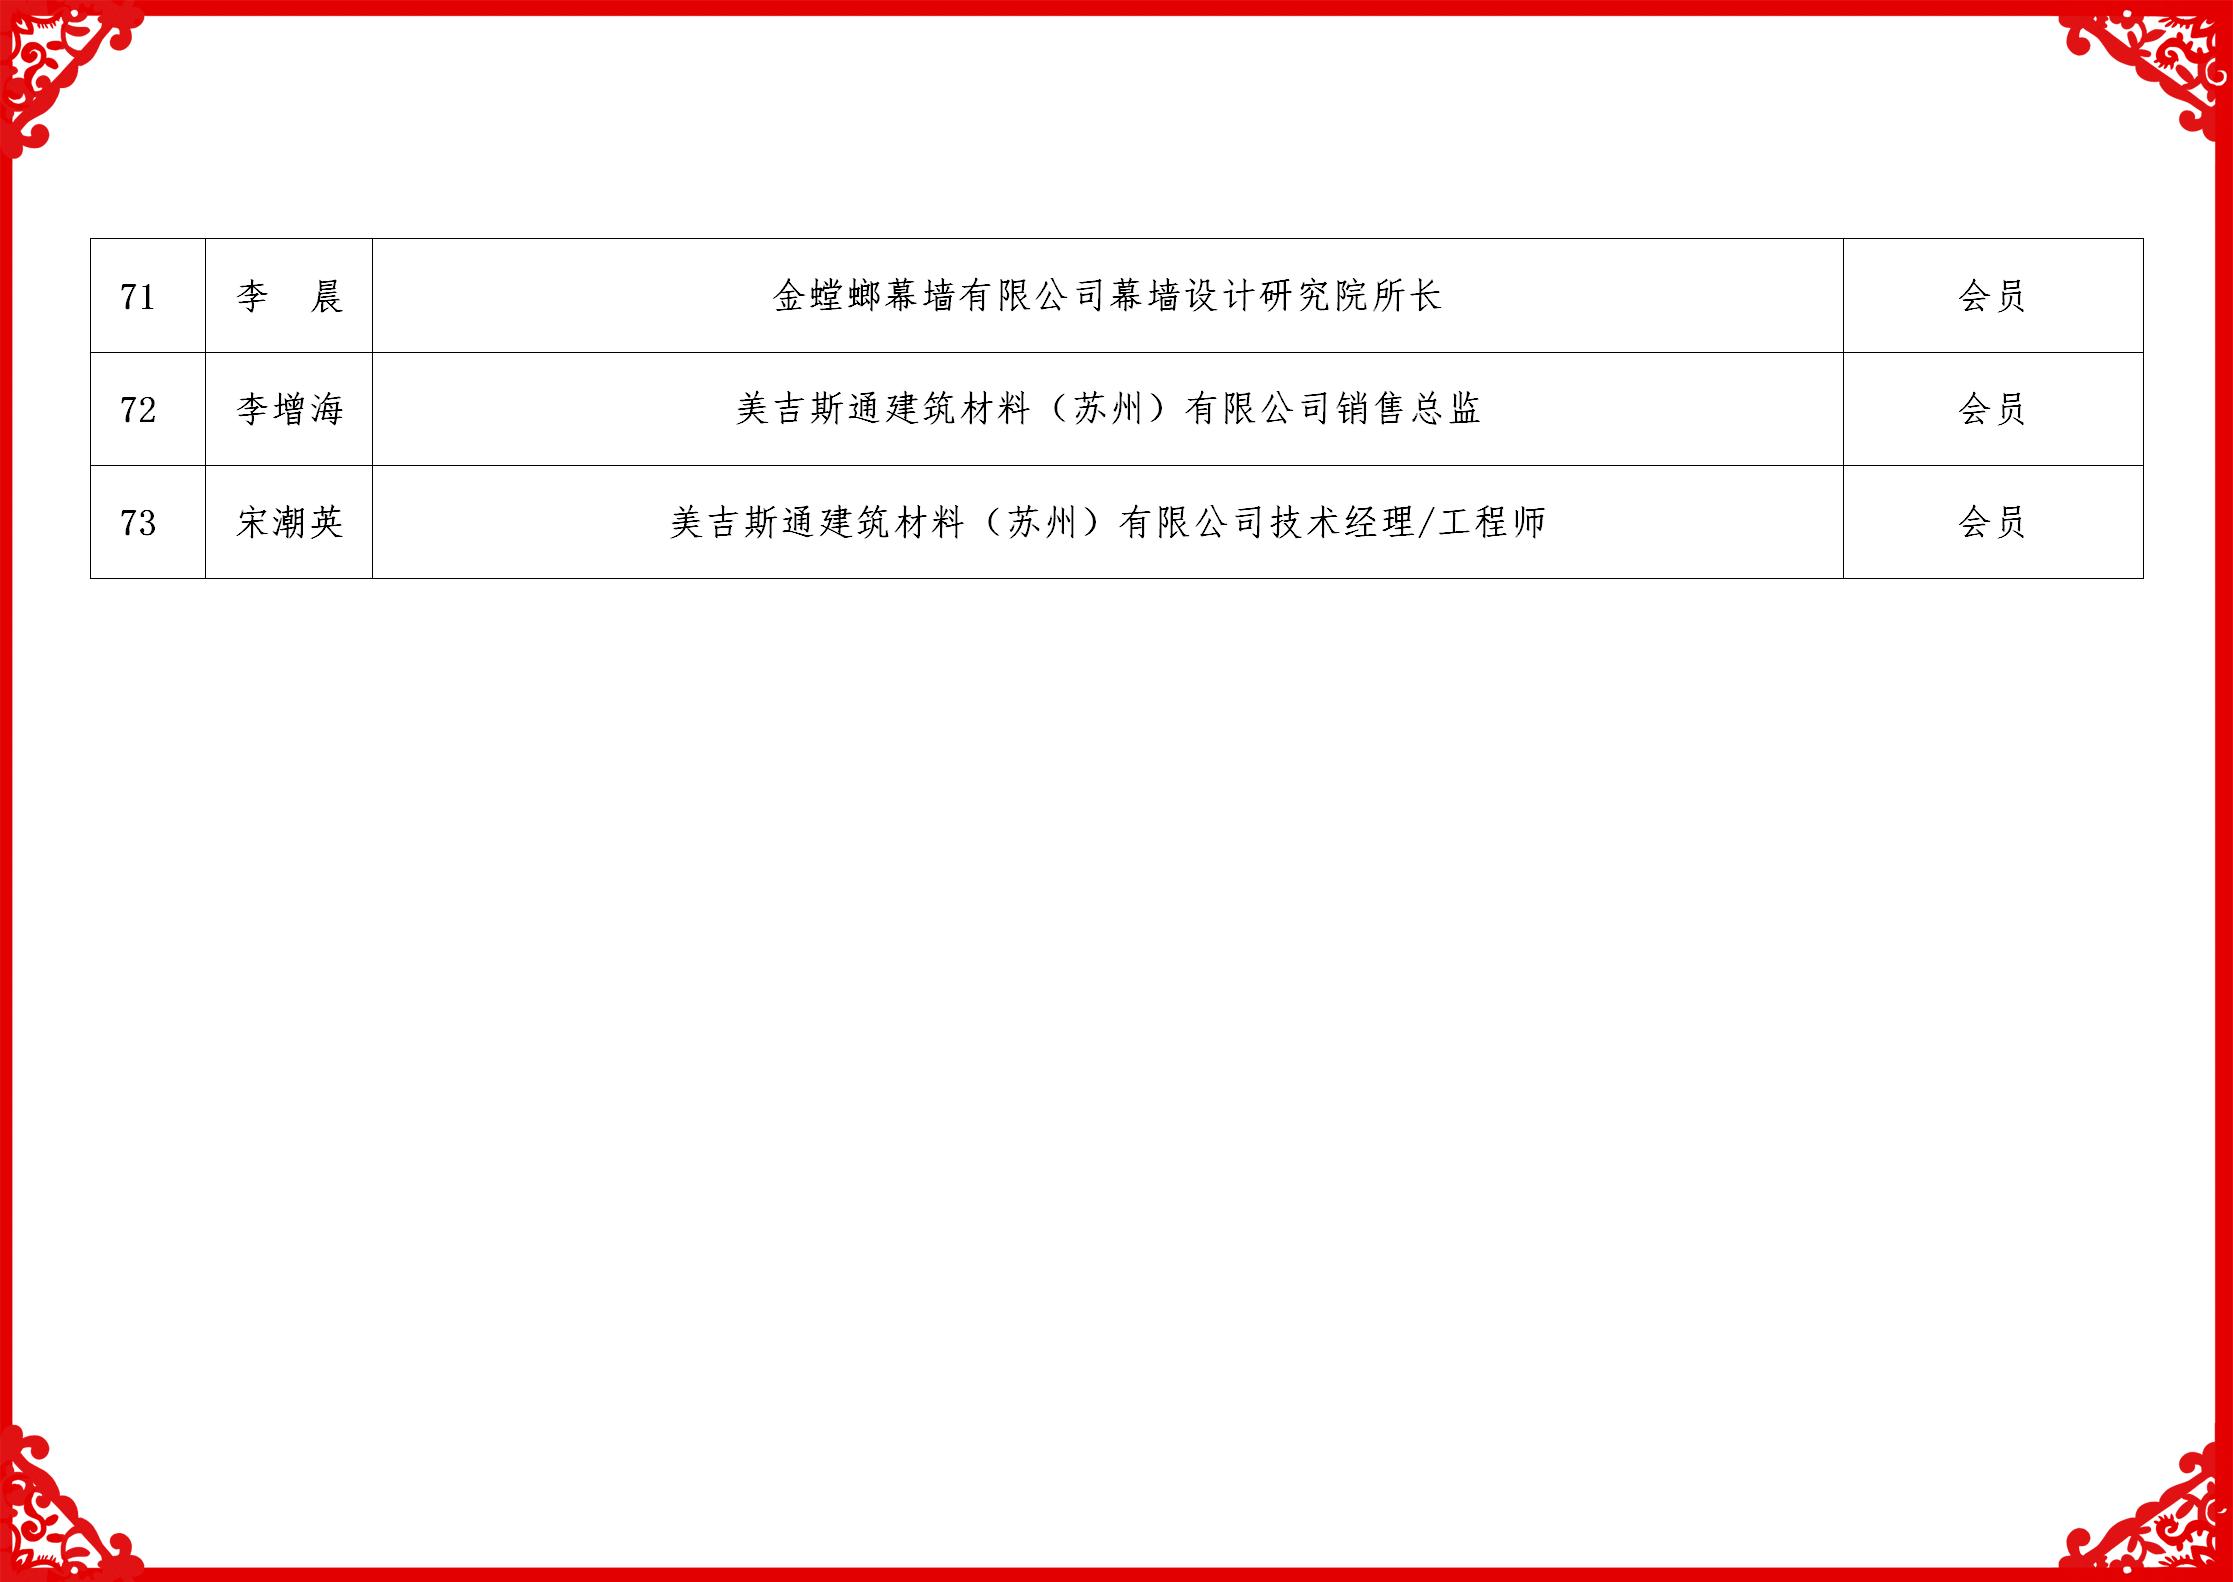 2019科技委名单_09